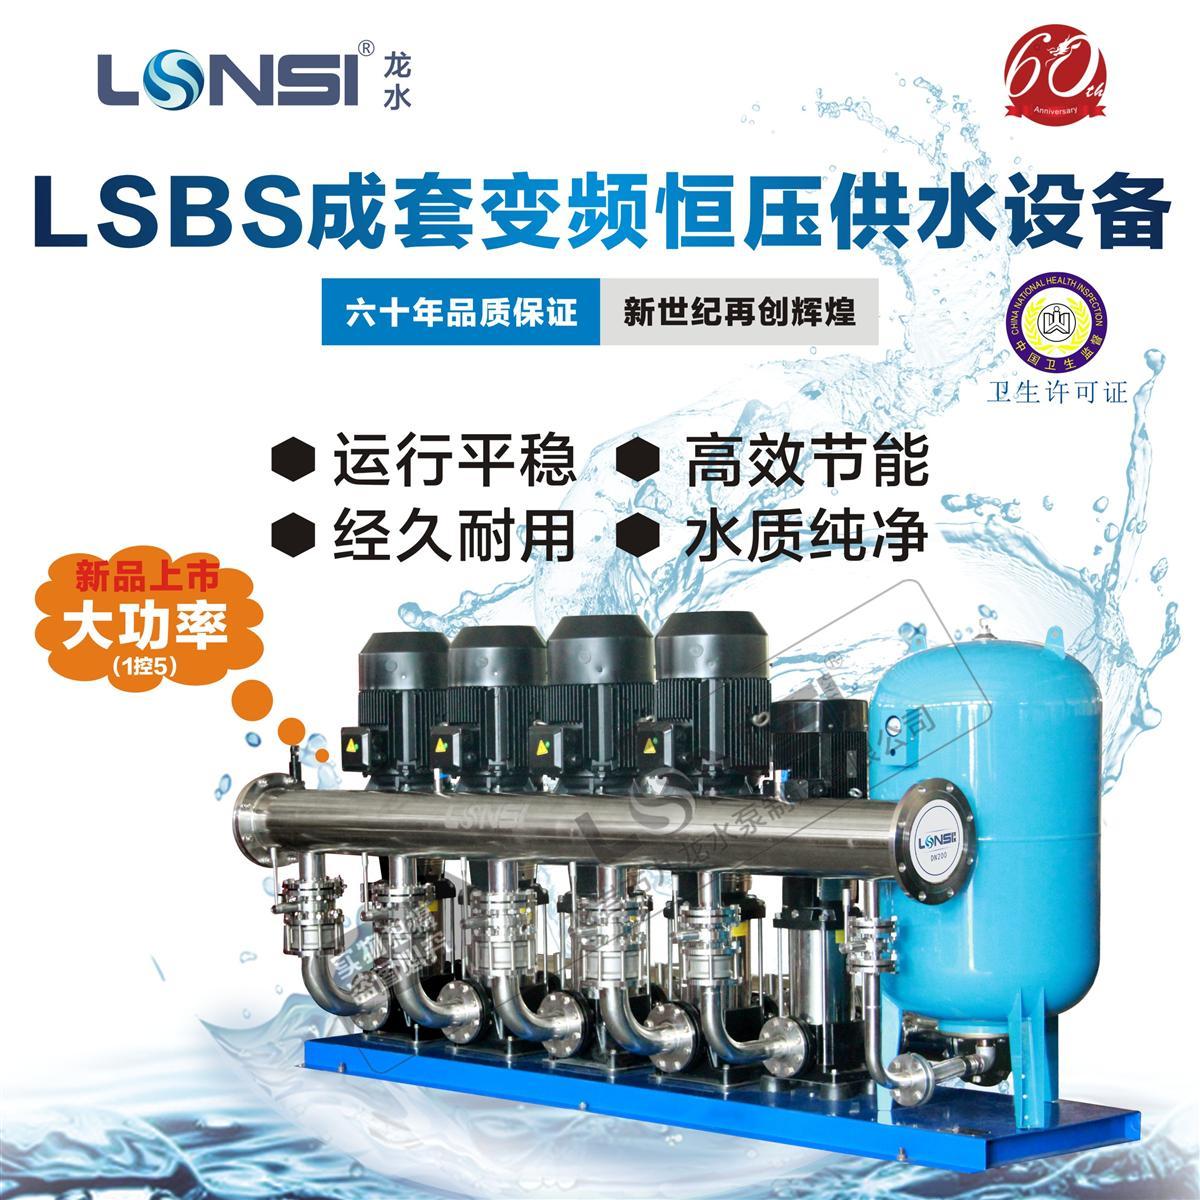 直销LONSI/龙水牌LSBS变频恒压供水设备无负压供水设备数字矢量变频供水系统二次供水无污染供水装置厂家